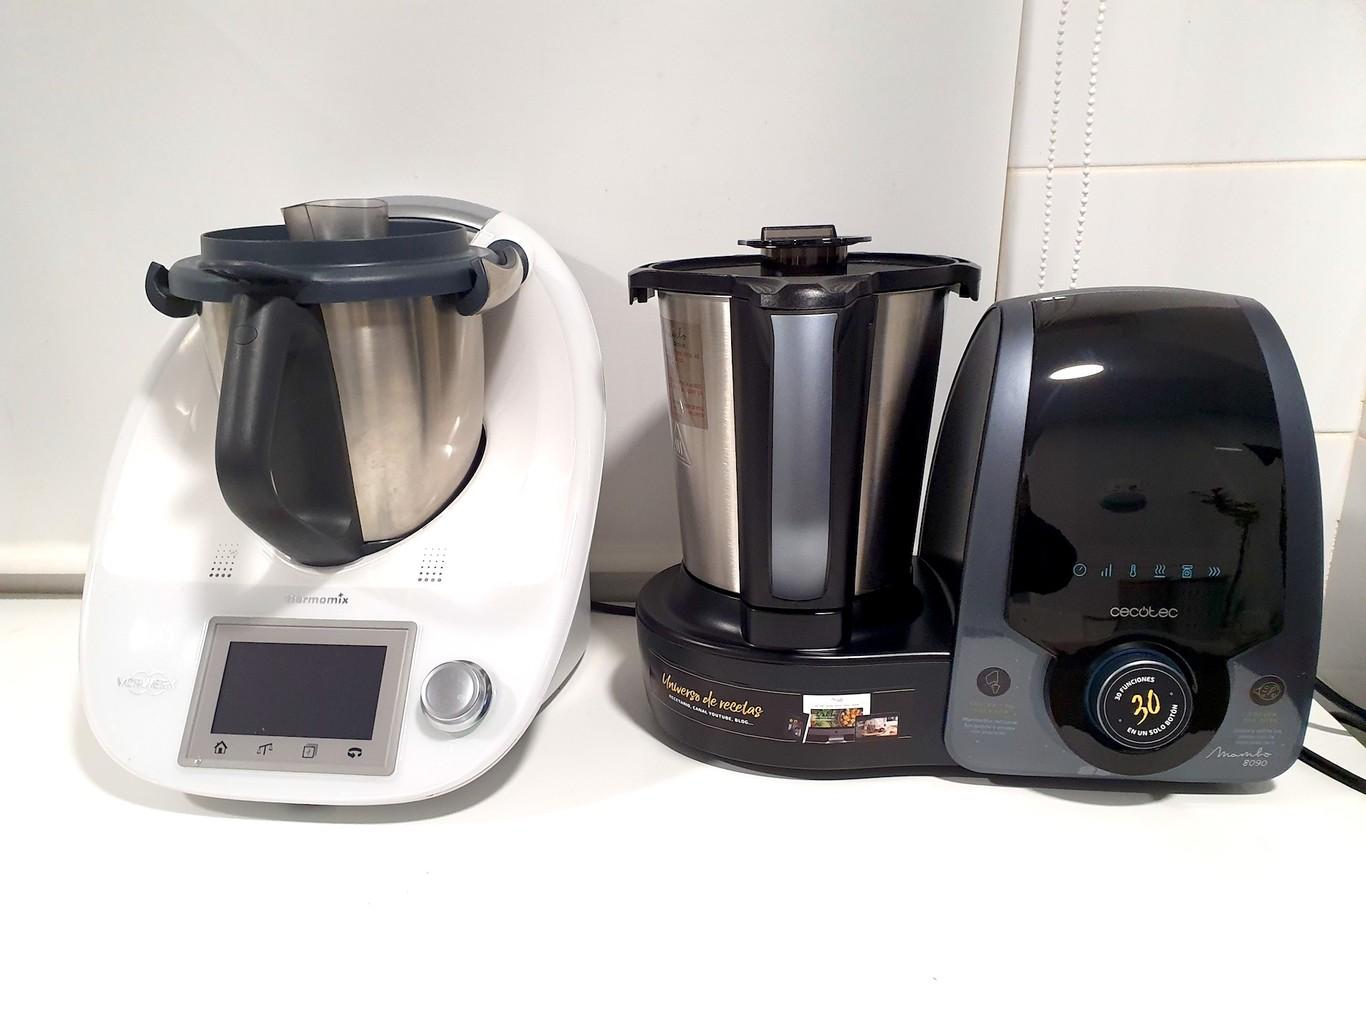 Cecotec Robot de Cocina Multifunción Mambo 8090. Capacidad 3,3L, Cuchara MamboMix, 30 Funciones, Báscula Incorporada, Jarra de Acero Inoxidable Apta